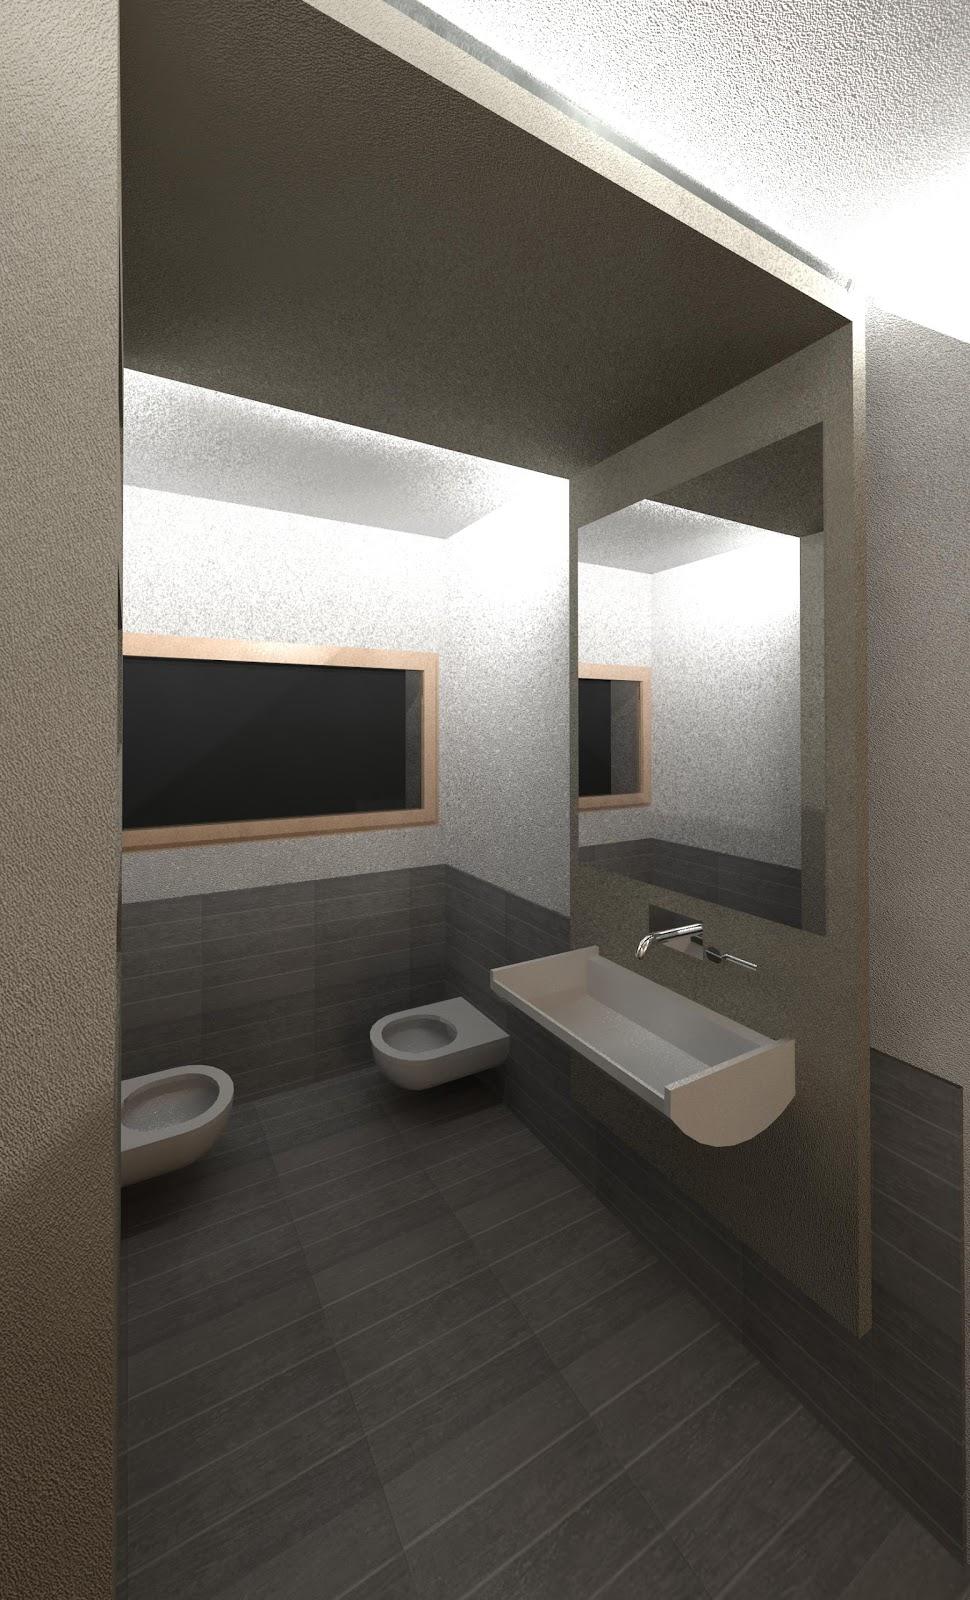 Geometra pprogetto di un bagno con stile moderno for Progetti bagni moderni